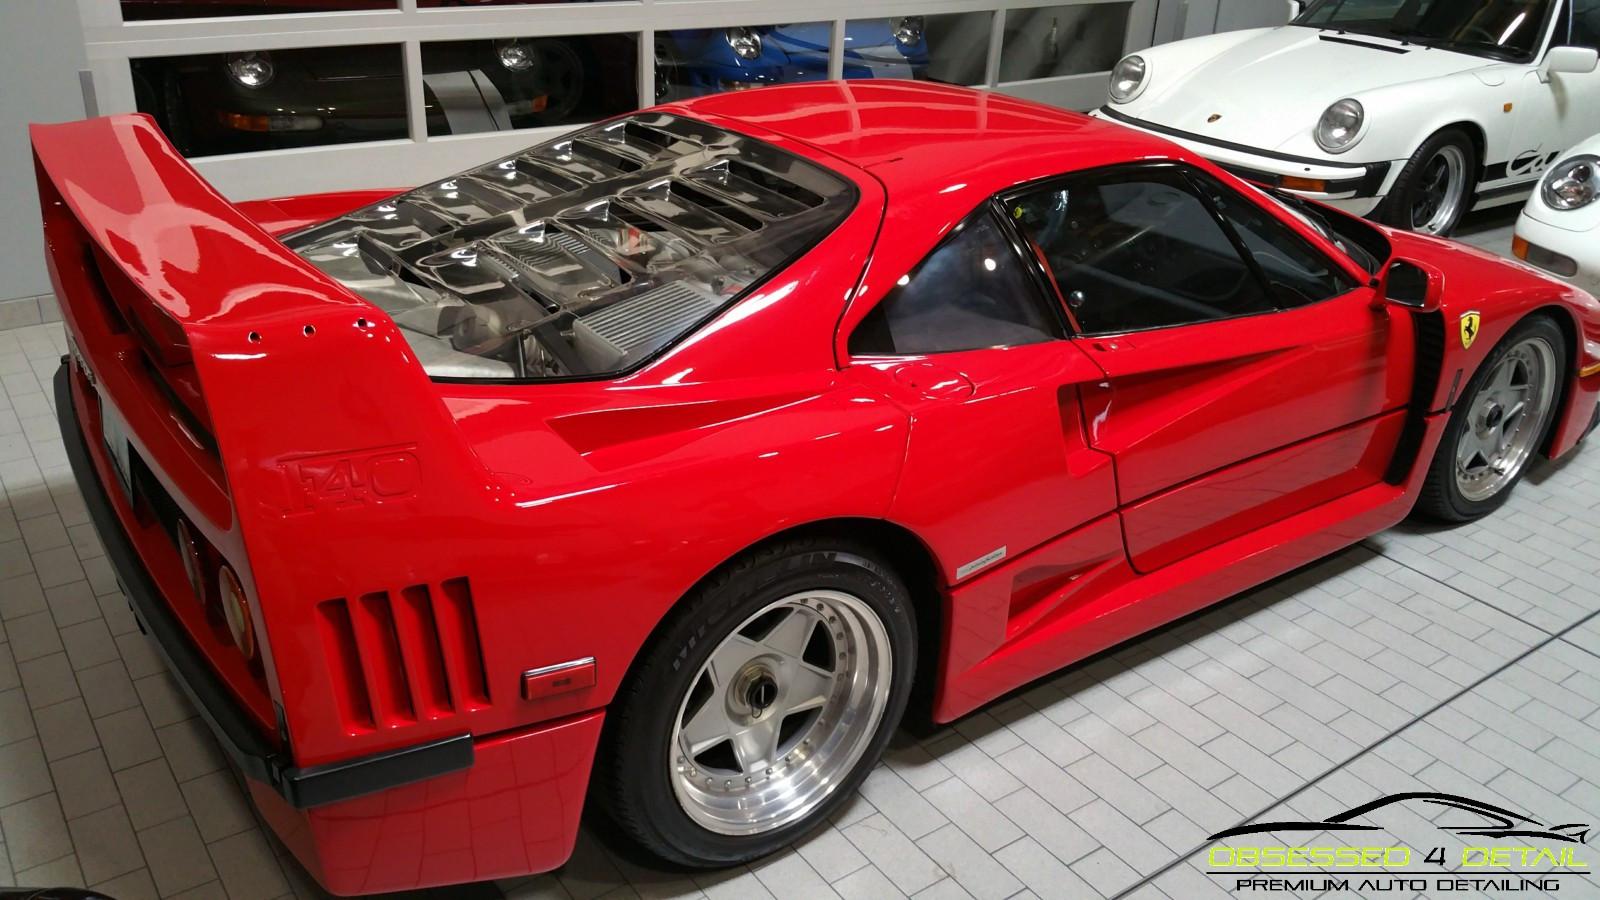 Obsessed 4 Detail - Ferrari F40 - Auto D